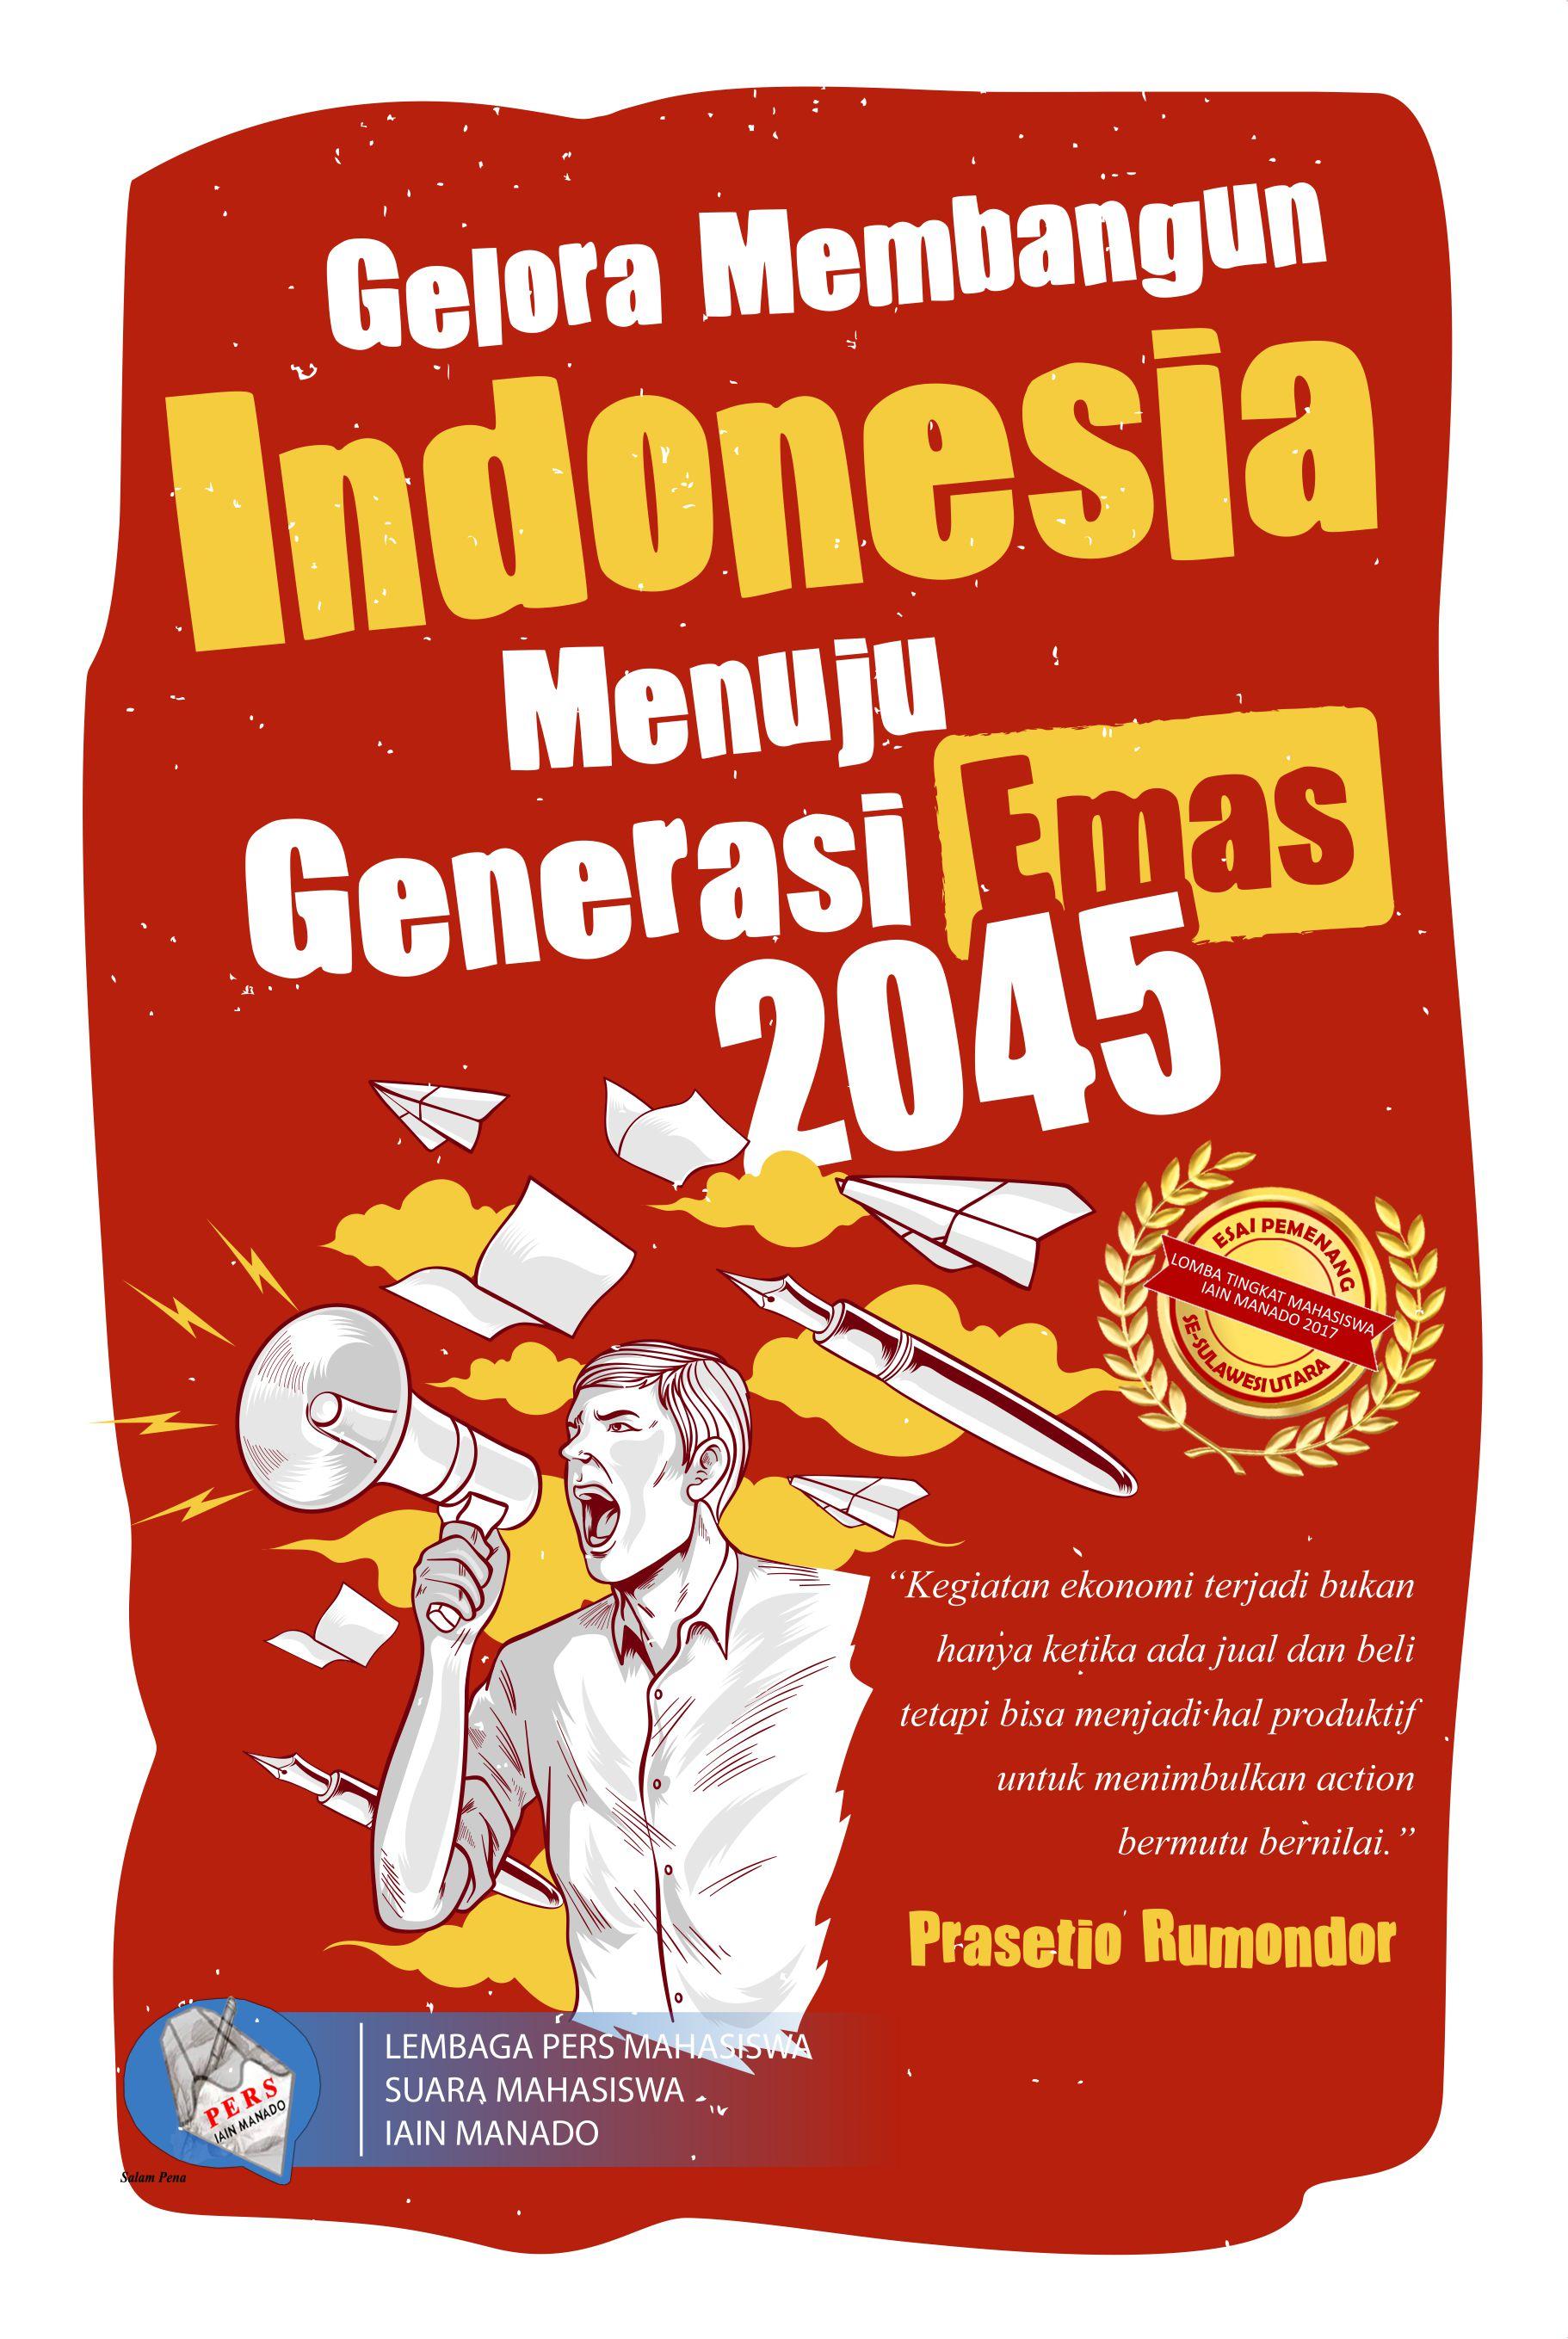 Gelora membangun Indonesia menuju generasi emas 2045 [sumber elektronis]